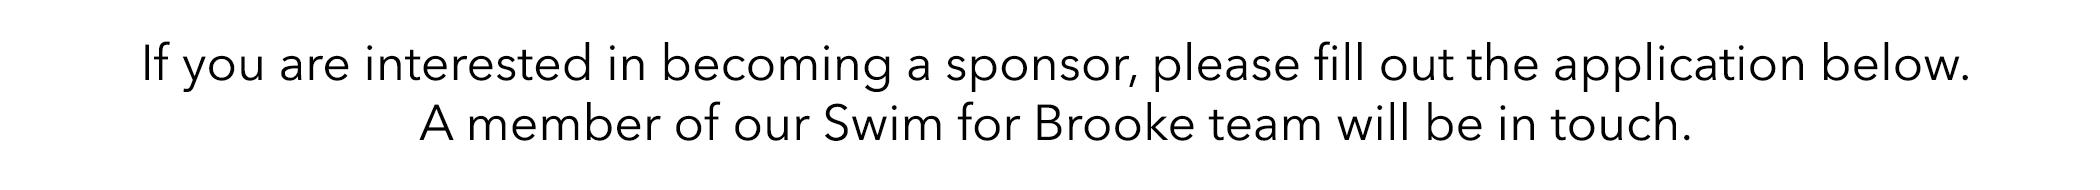 Sponsorship webpage block